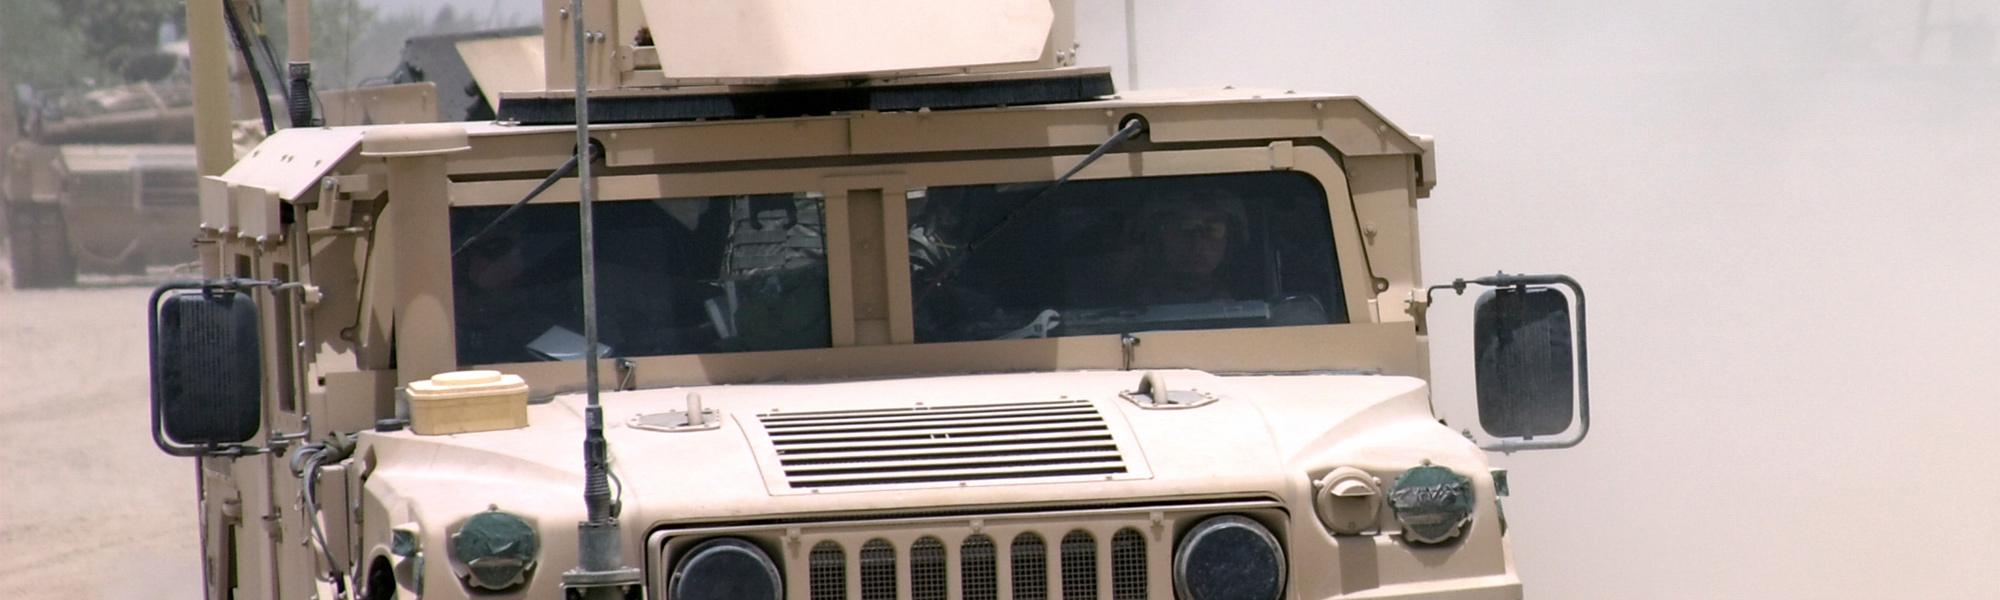 Ground Image - Humvee desert